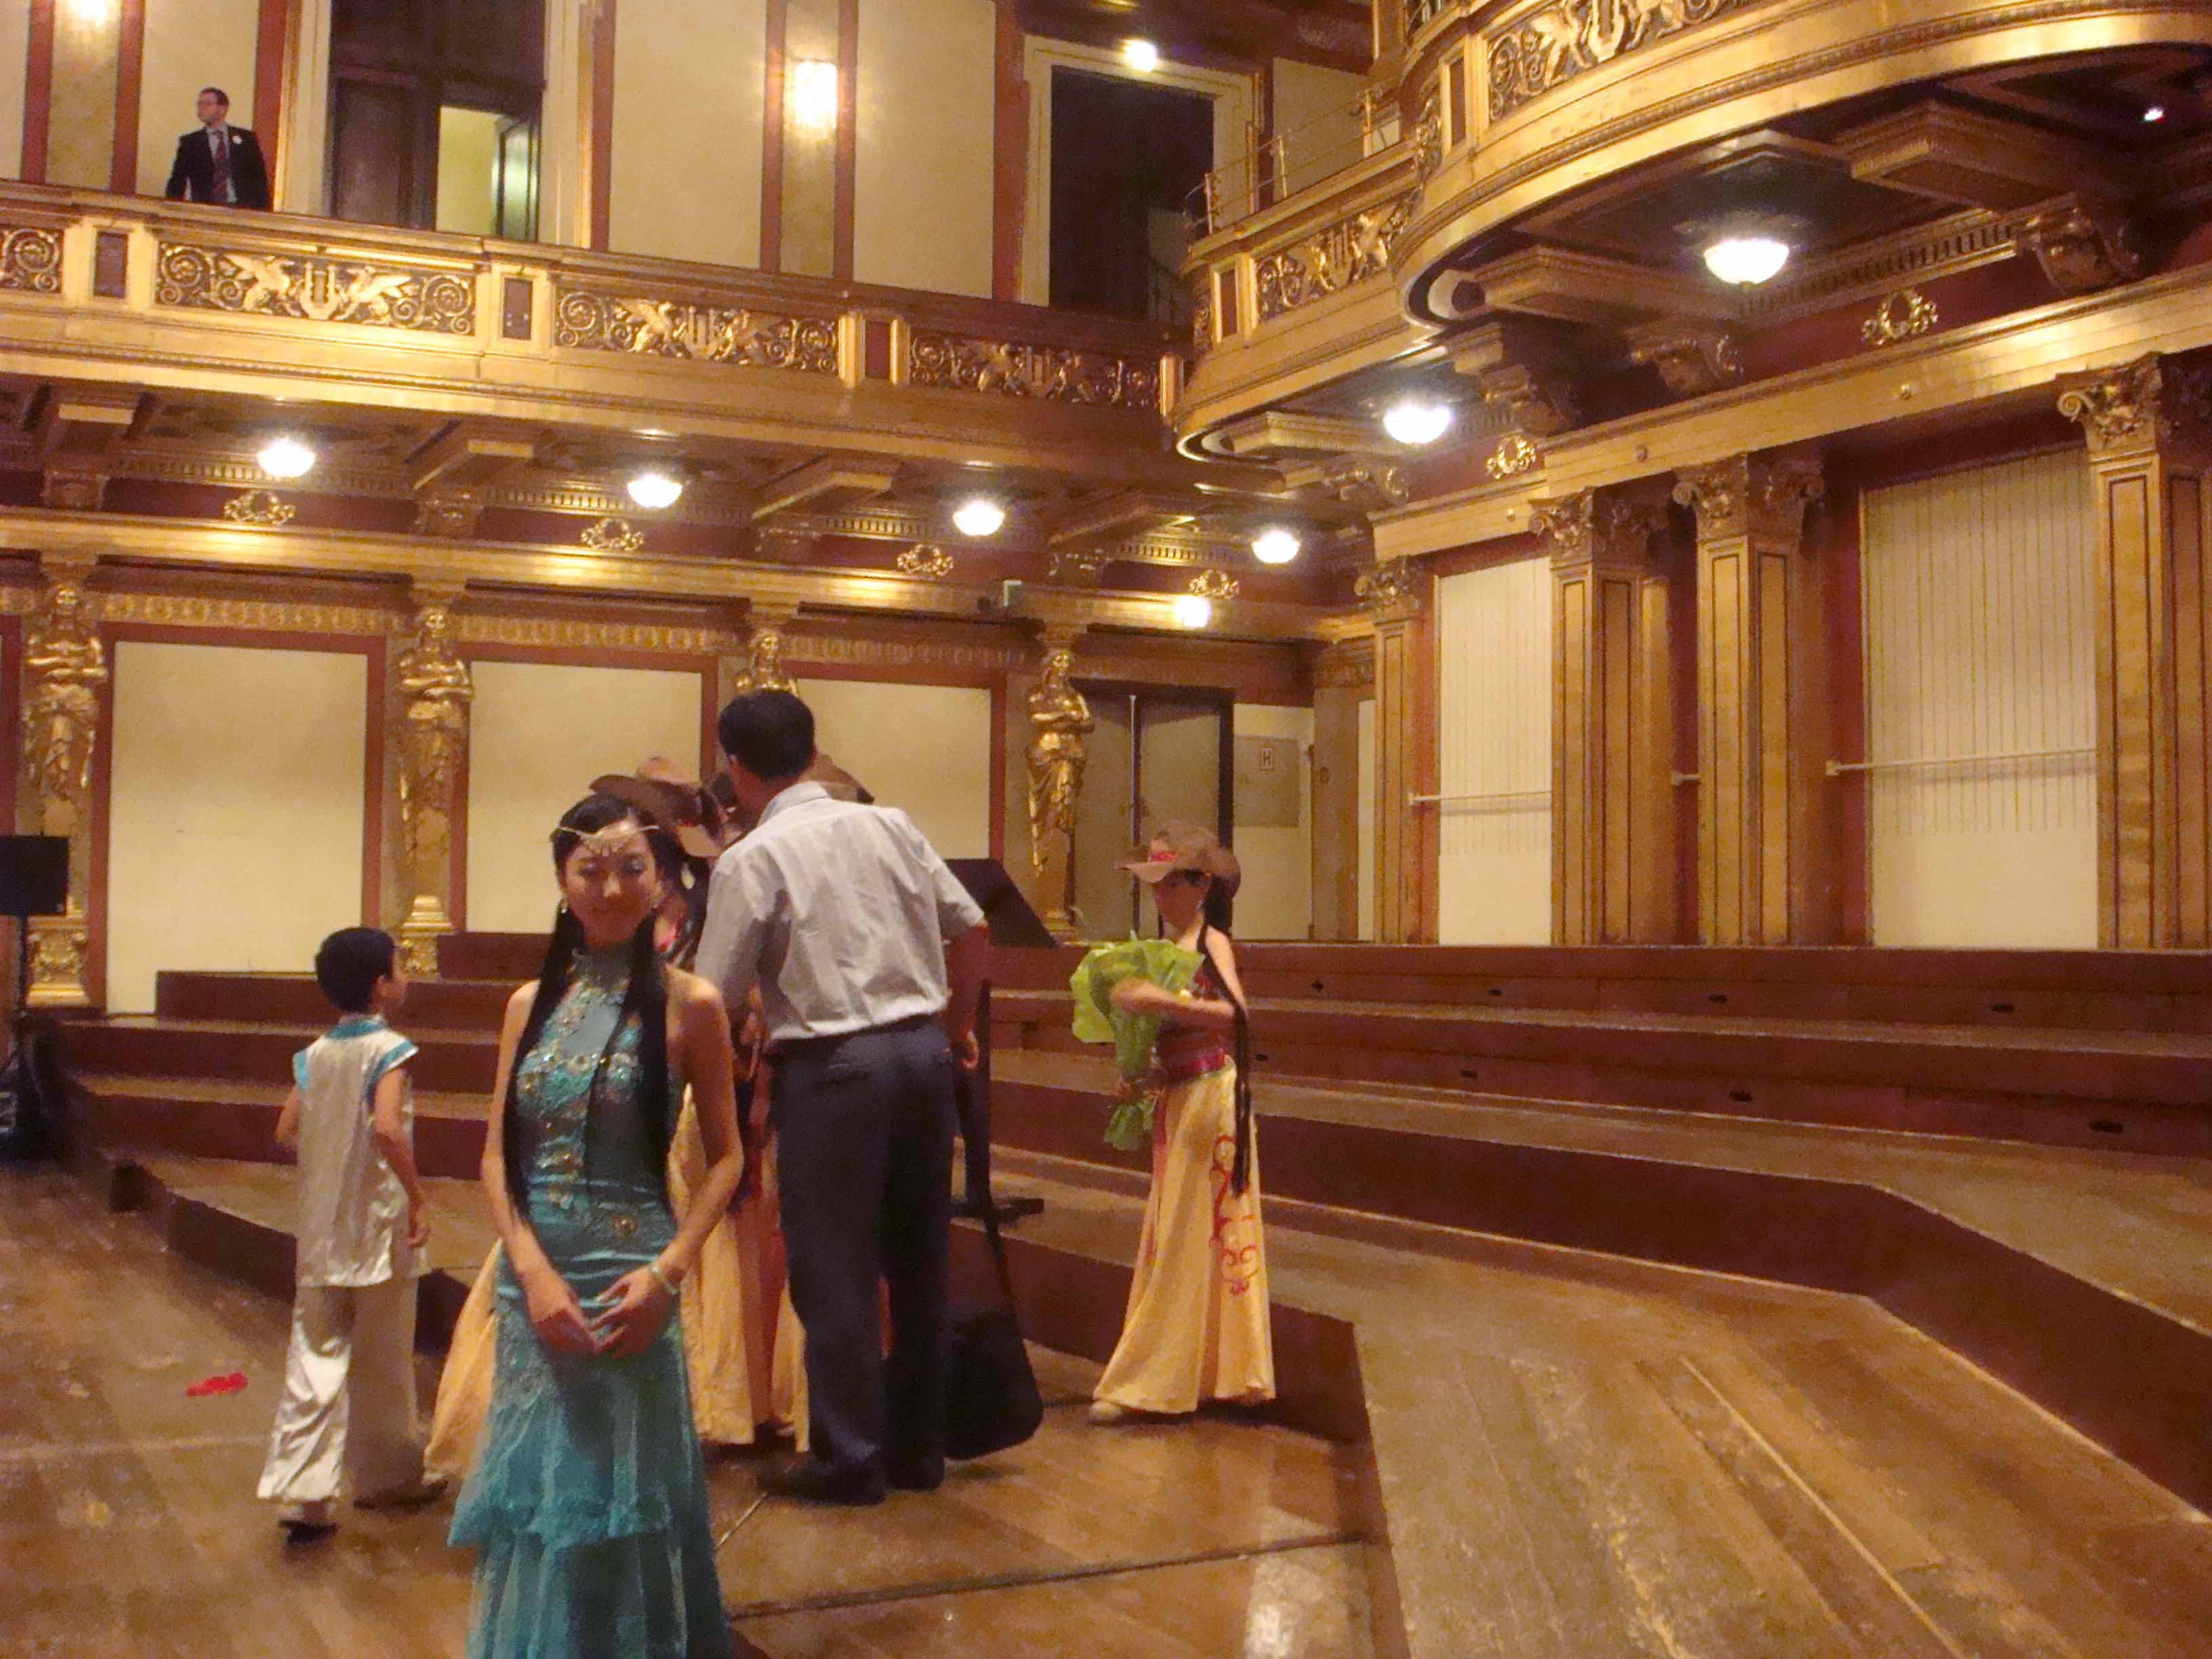 2008年学生刘鑫琼、叶静菲维也纳金色大厅演出剧照